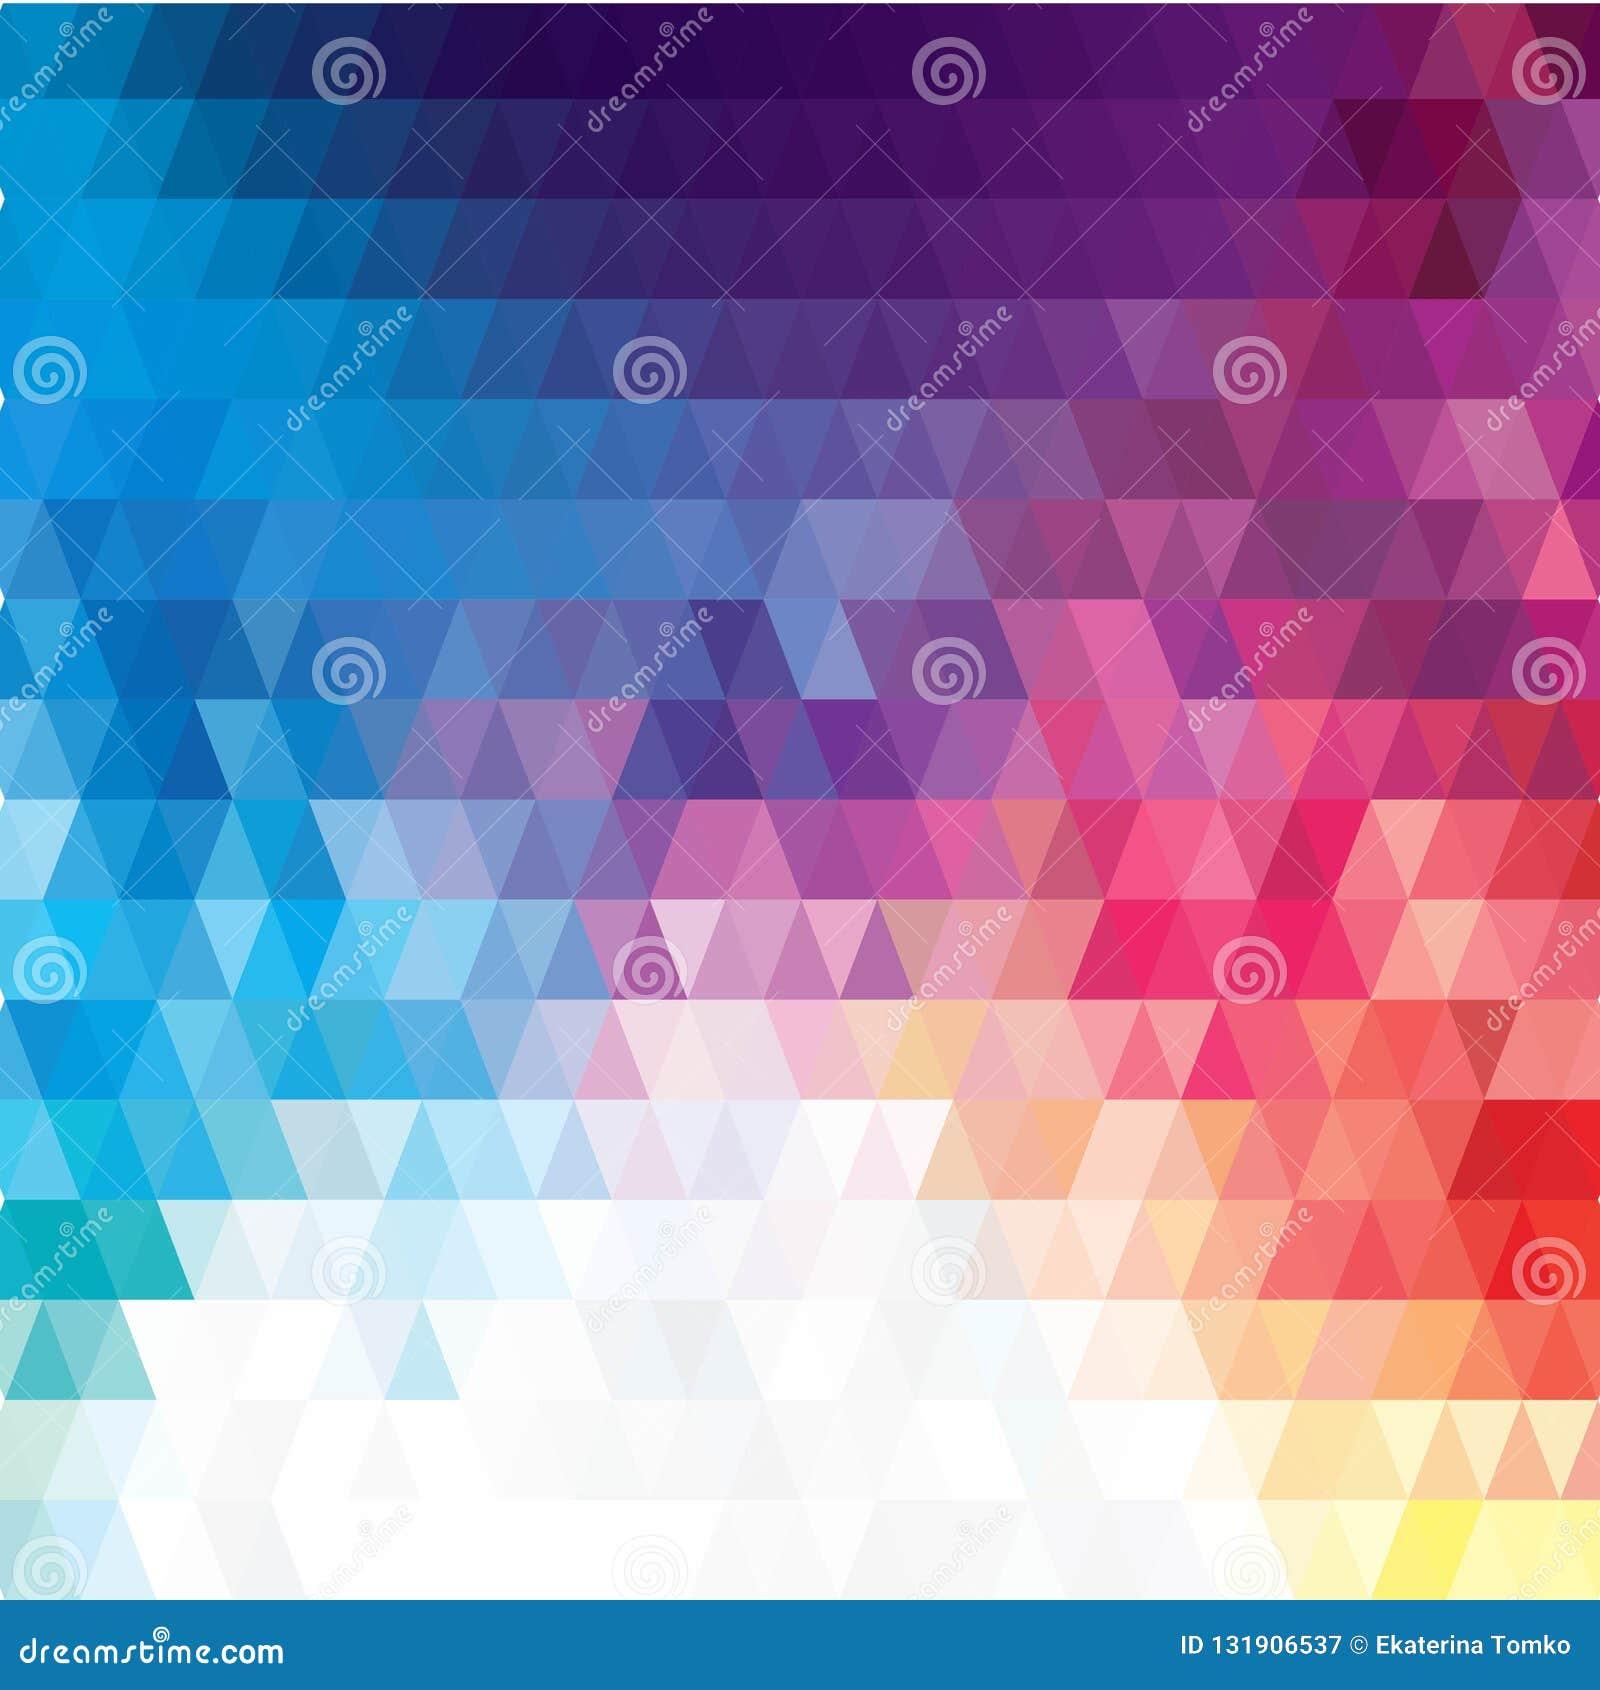 Vector o fundo irregular abstrato do polígono com um teste padrão triangular em cores do espectro do arco-íris da cor completa Ep